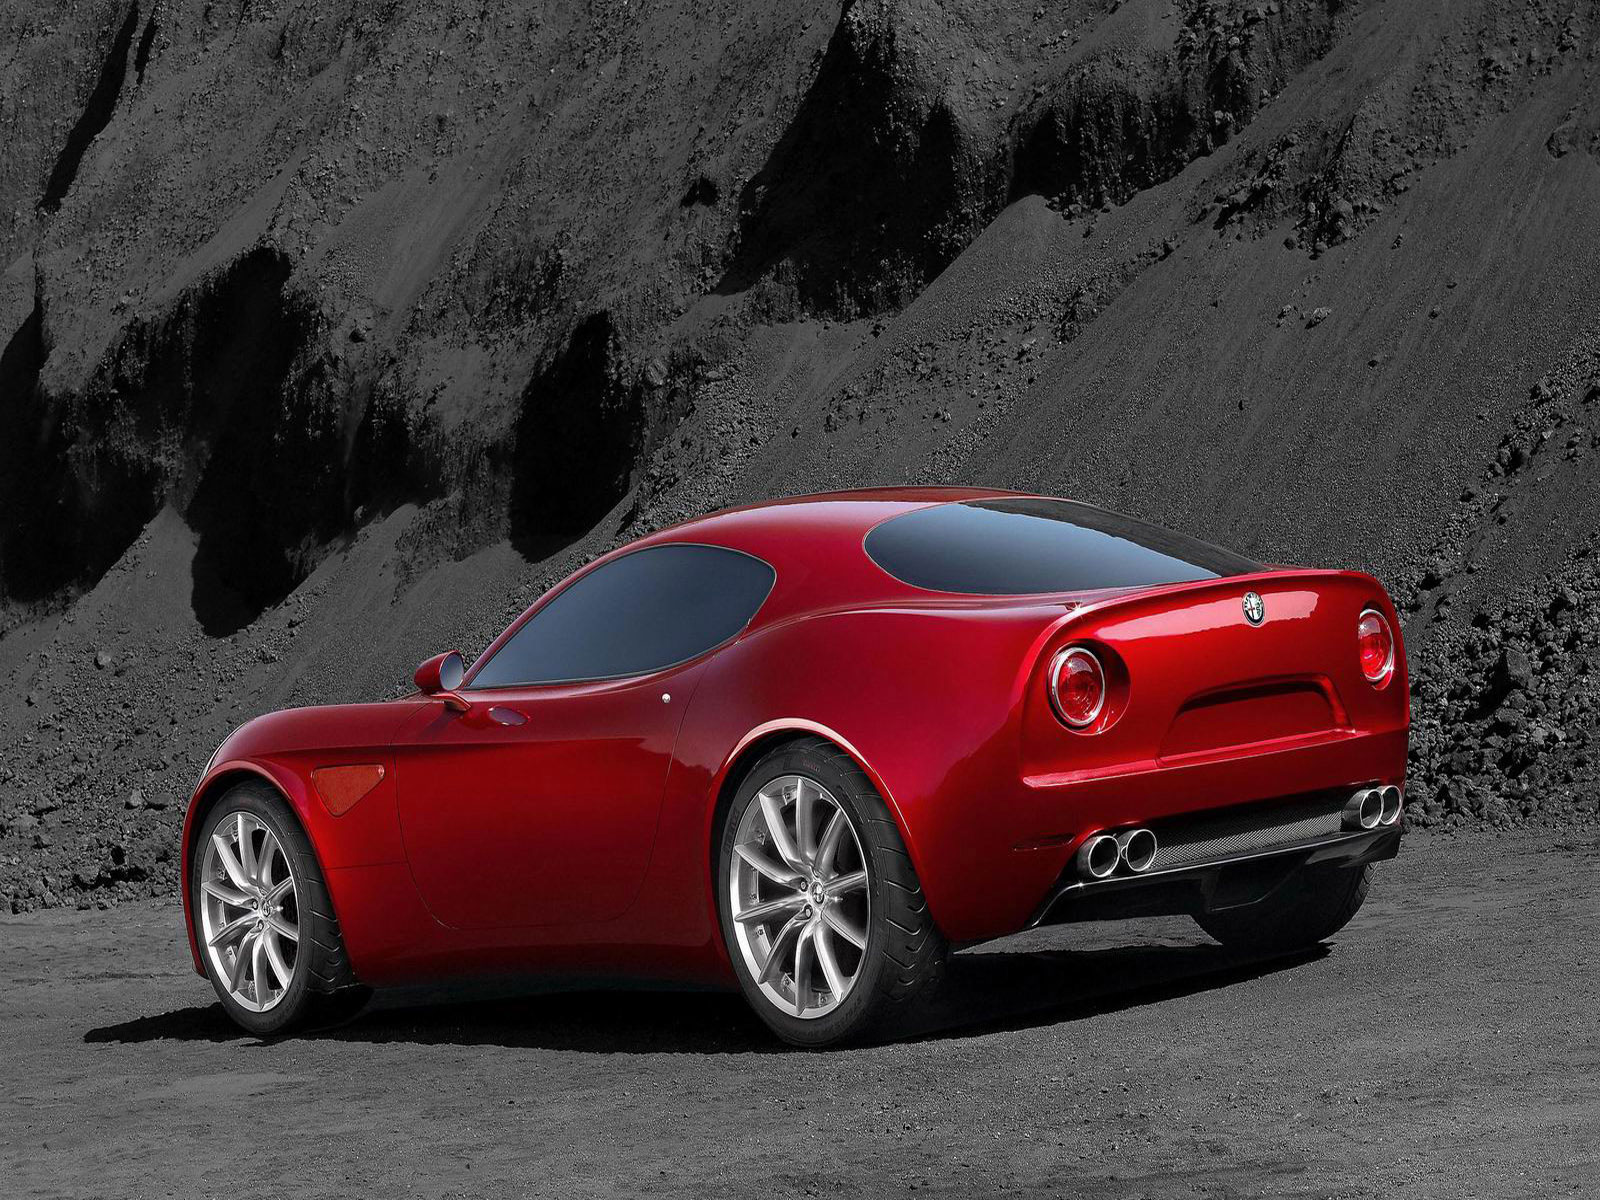 http://1.bp.blogspot.com/-eWCeeAbJESc/UBMOtgaQ_cI/AAAAAAAAA7k/oLfSHUfwM3w/s1600/cars_0023.jpg